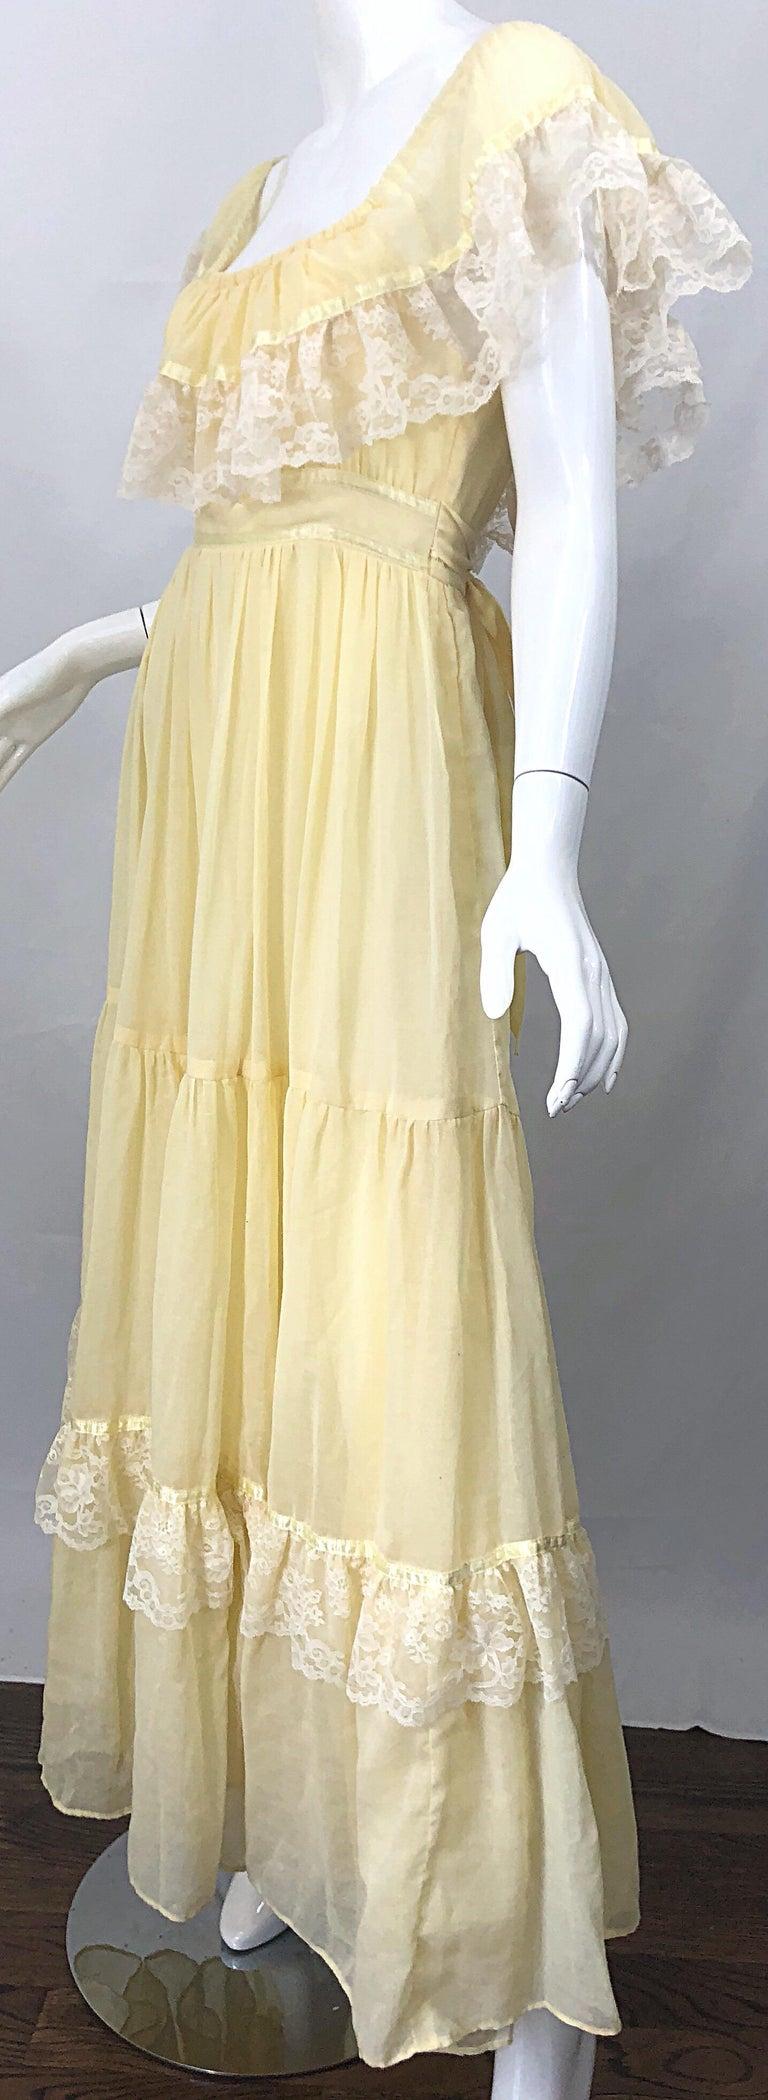 1970s Pale Light Yellow Cotton Voile + Lace Vintage Boho 70s Maxi Dress For Sale 2